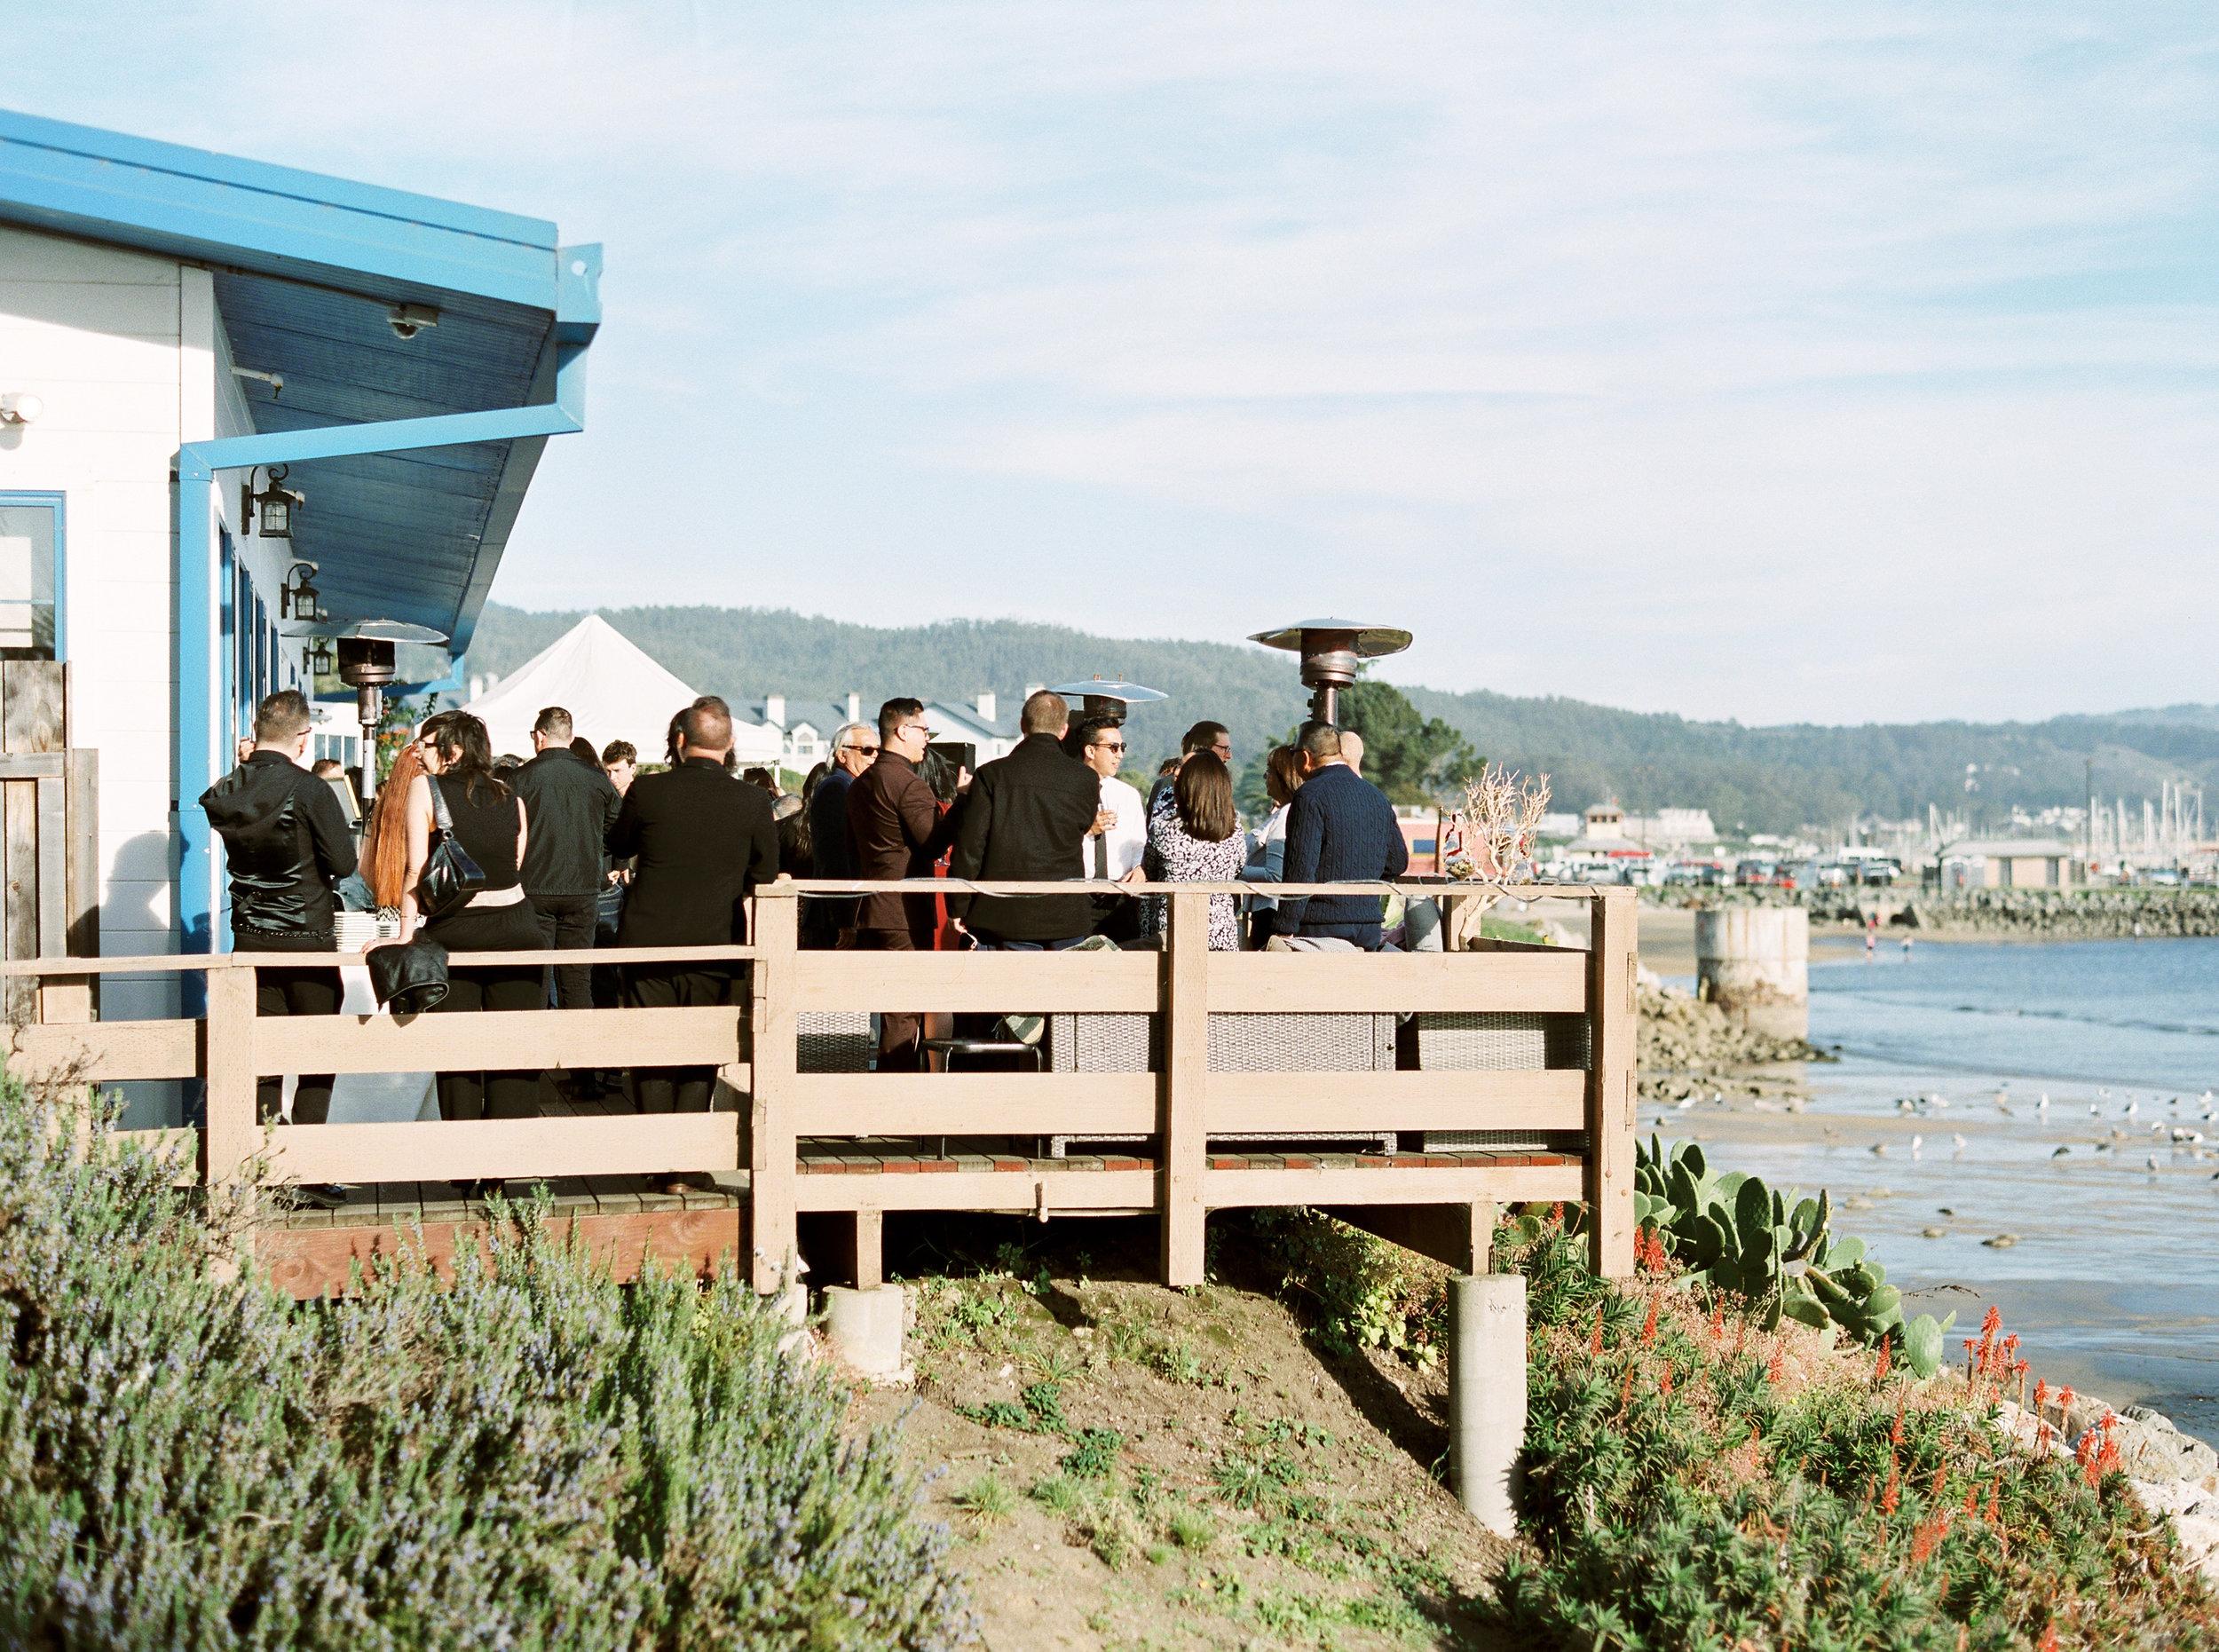 Mavericks-event-center-wedding-in-half-moon-bay-california625.jpg